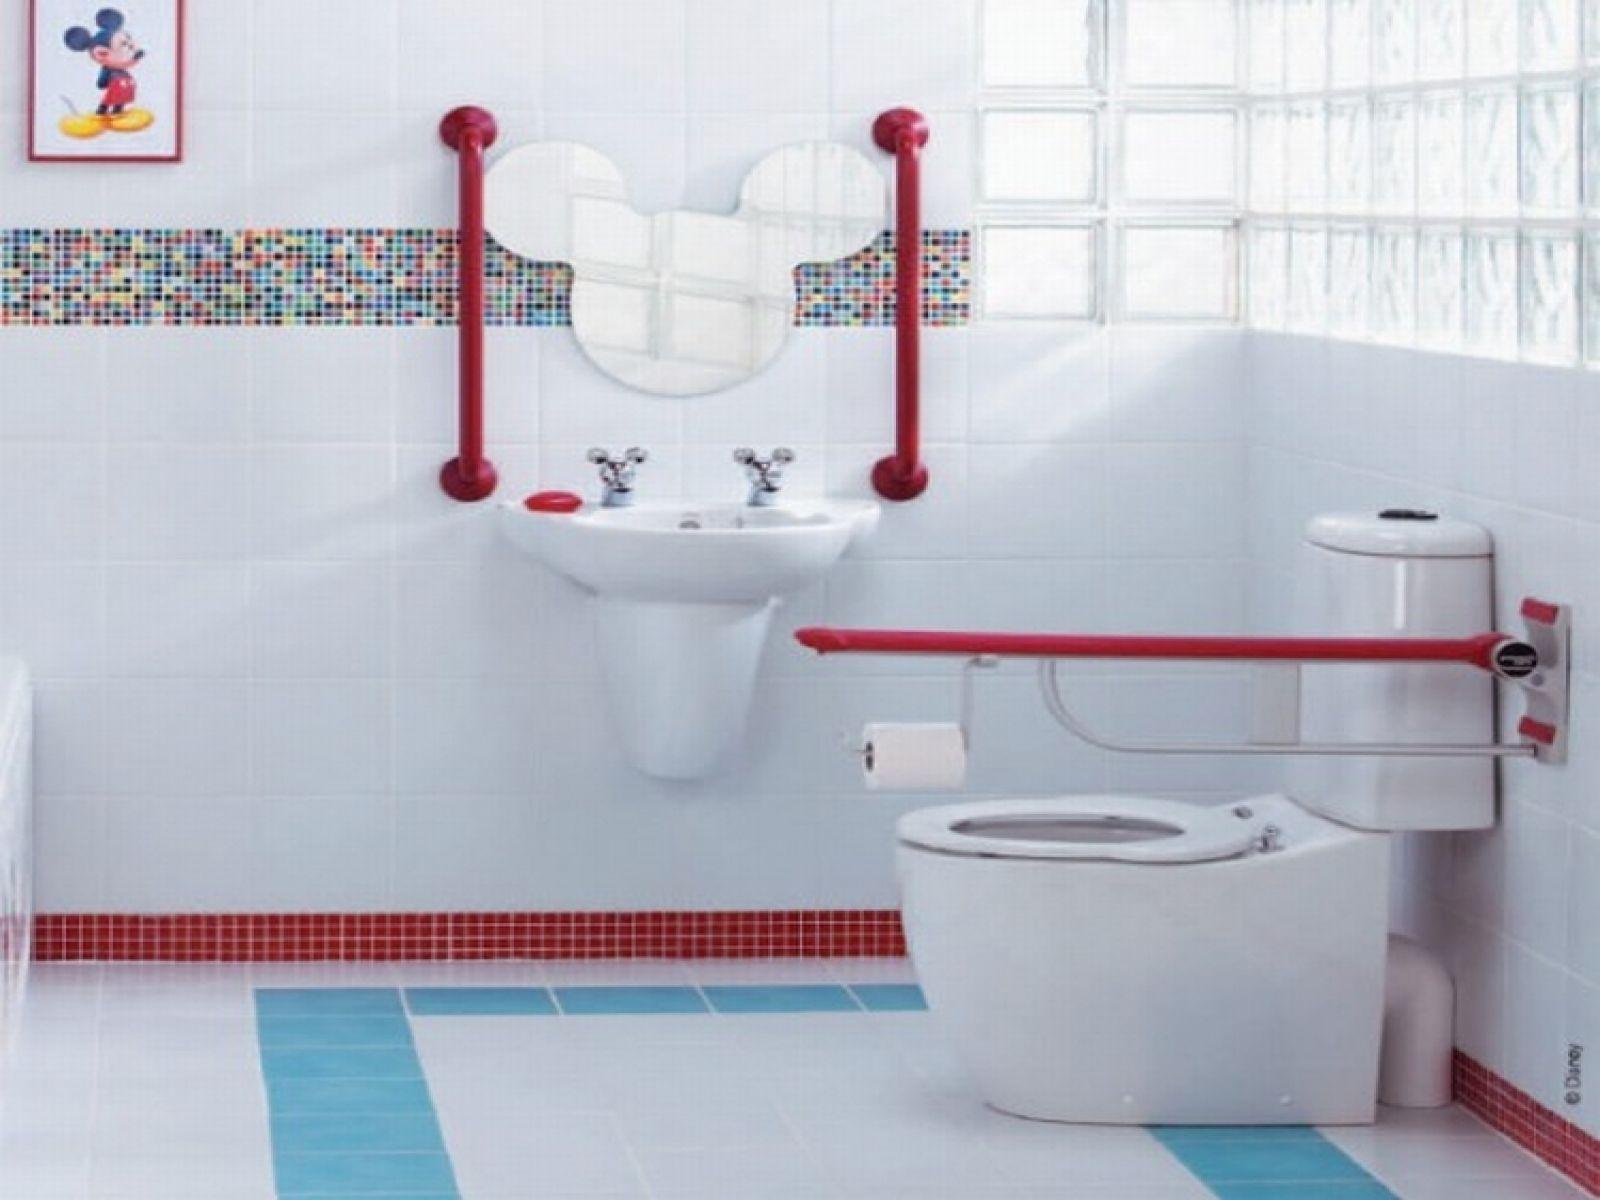 Kinder Badezimmer ~ Kinder badezimmer sets dekorieren sie ihre kinder welt